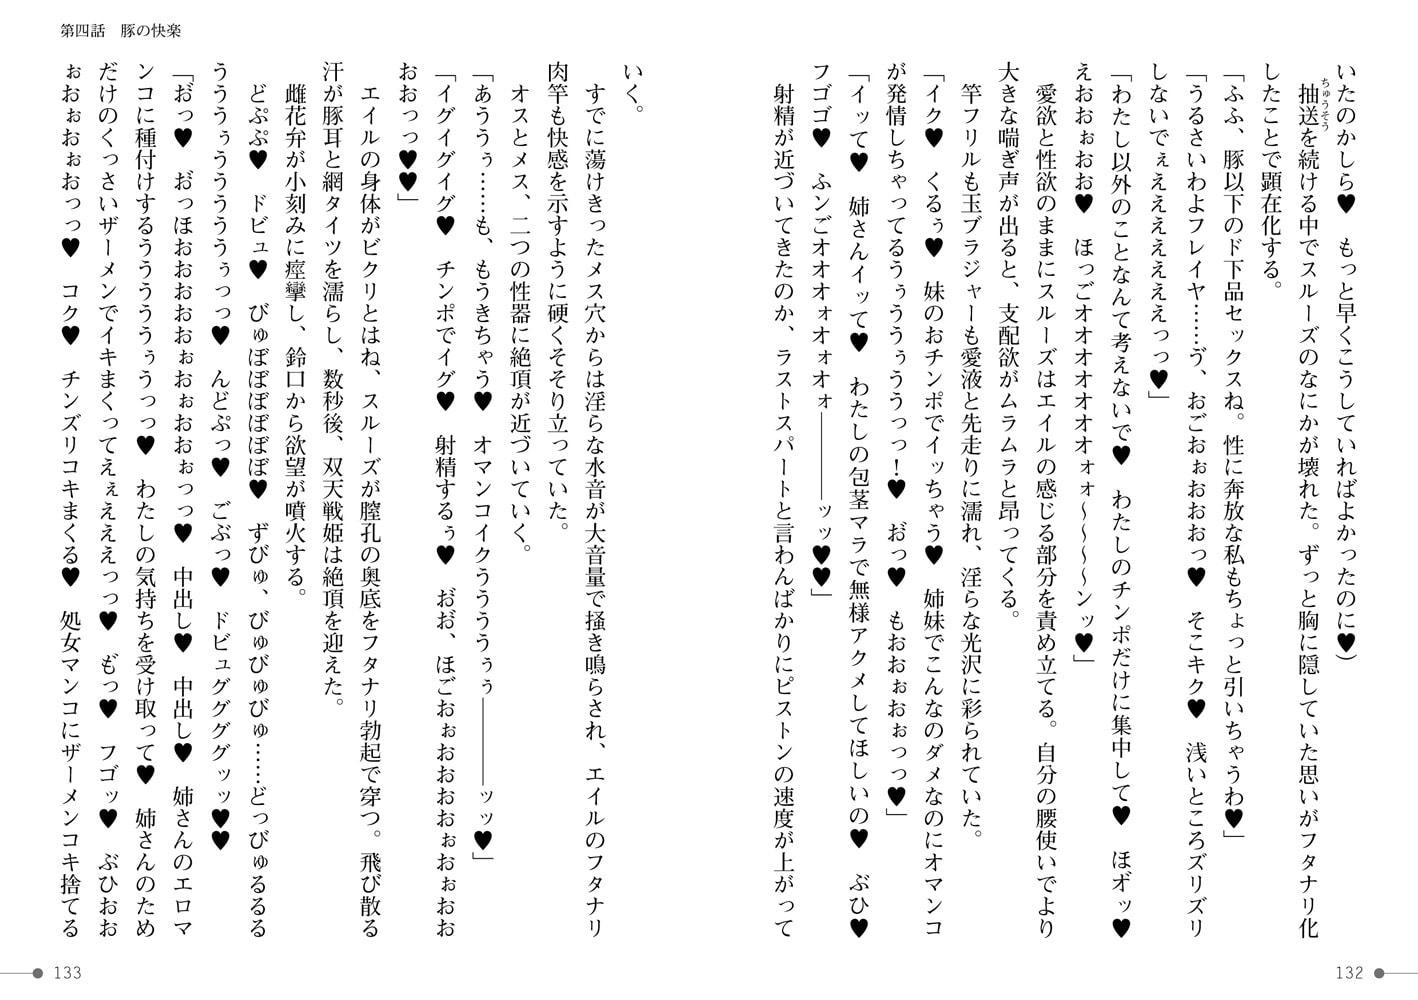 双天戦姫ツインヴァルキリー ~姉妹ヒロインと屈辱のふたなりゲーム~